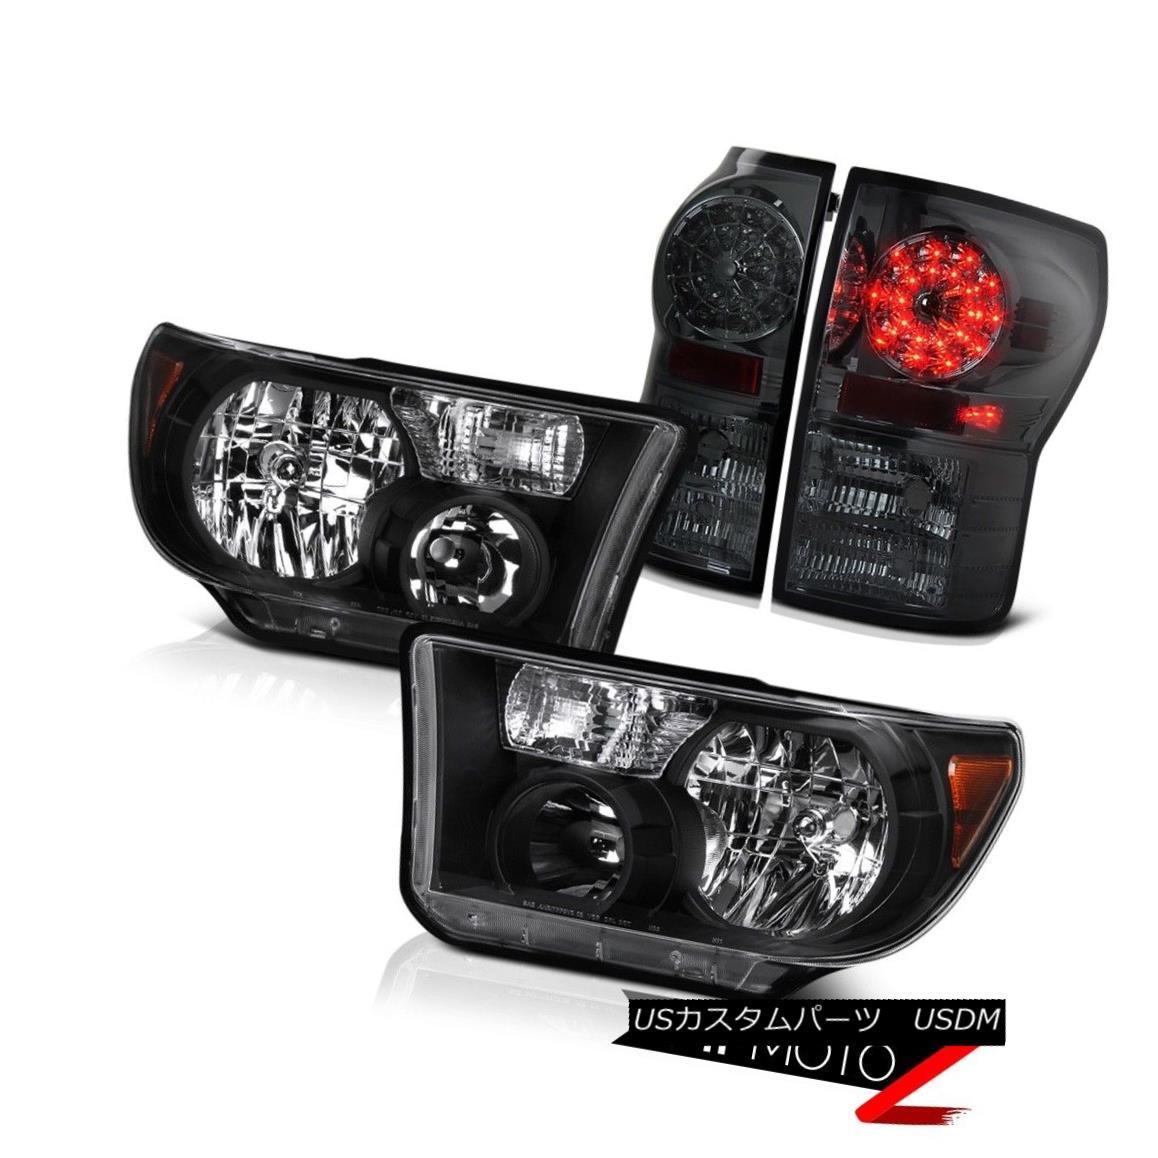 ヘッドライト Left+Right Black Diamond Crystal Headlight+Smoke Led Tail Light 2007-2013 Tundra 左+右ブラックダイヤモンドクリスタルヘッドライト+スモーク eテールライトテールライト2007-2013 Tundra